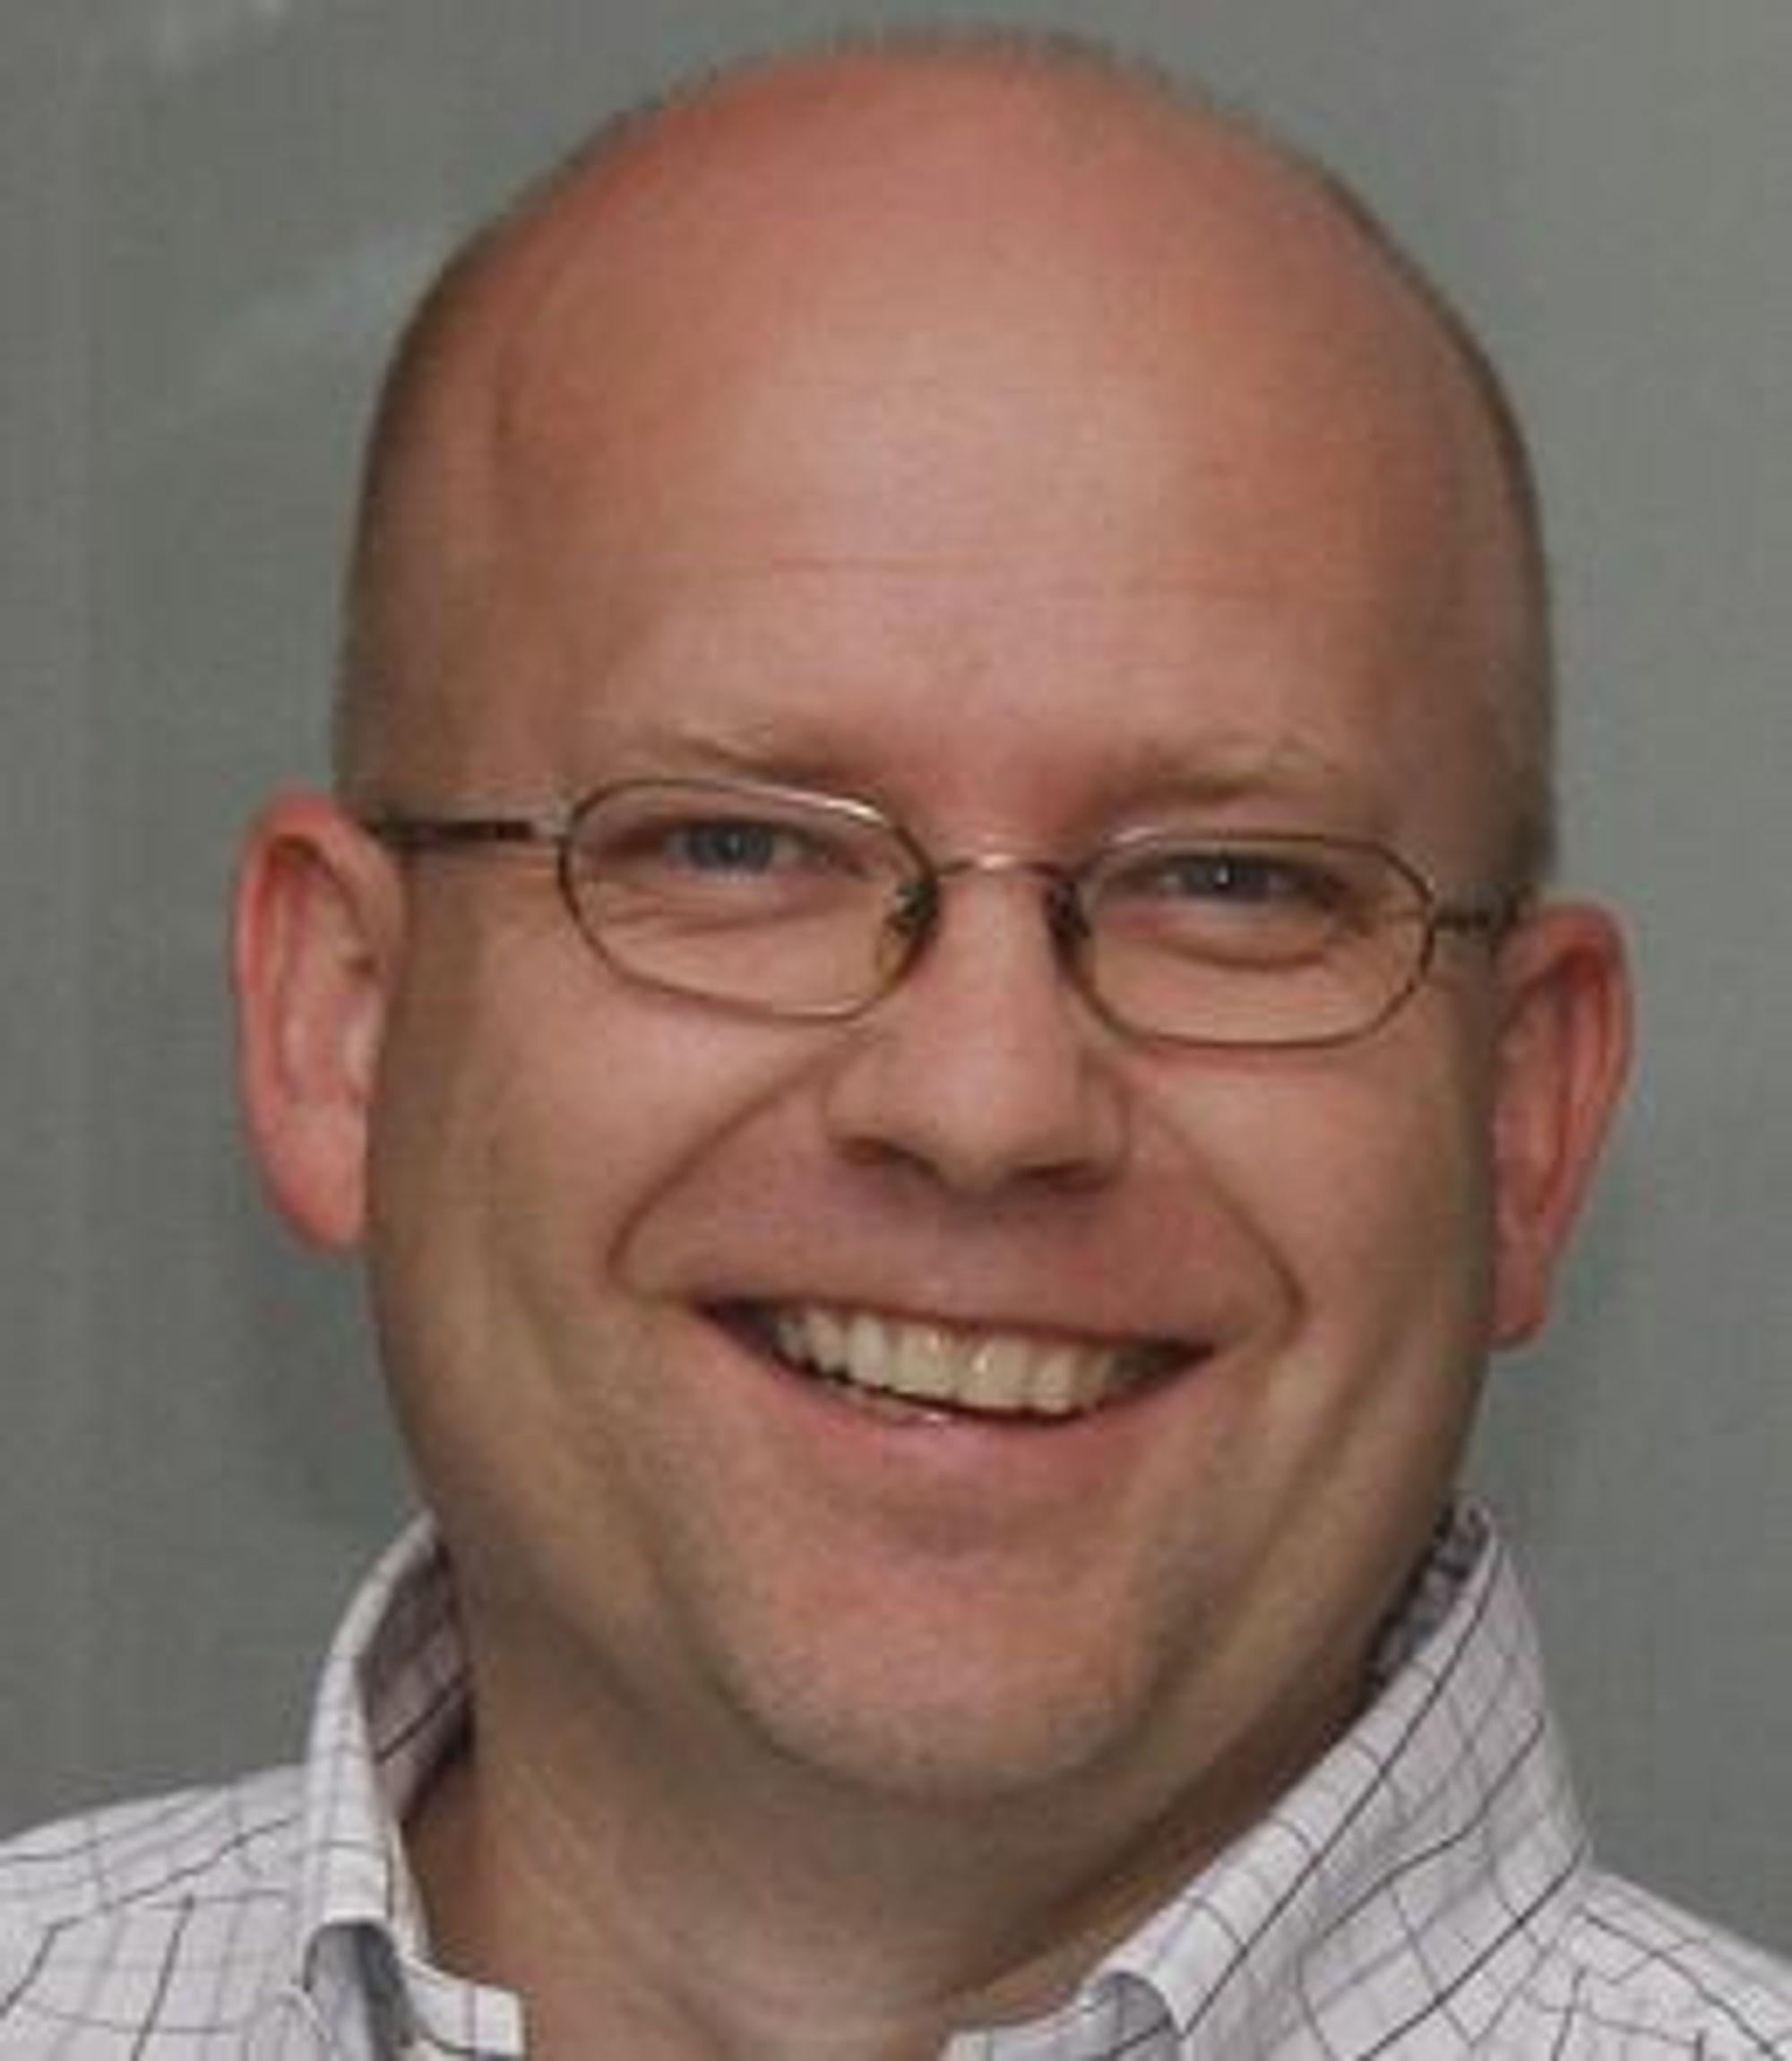 Senior data scientist Kenth Engø-Monsen hos Telenor Research legger ikke skjul på flere utfordringer med utviklingen av nye big data-verktøy.